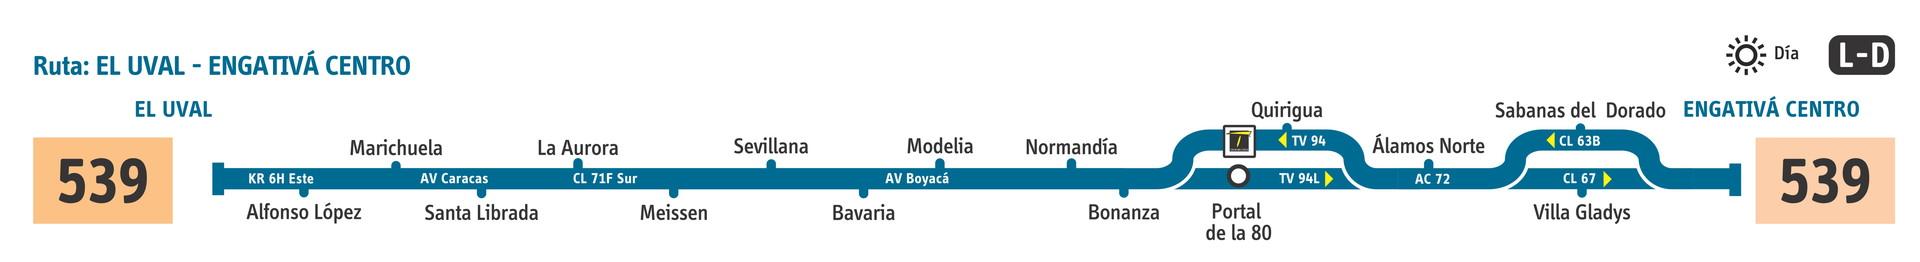 Ruta SITP: 539 Engativá Centro ↔ El Uval [Urbana] 5